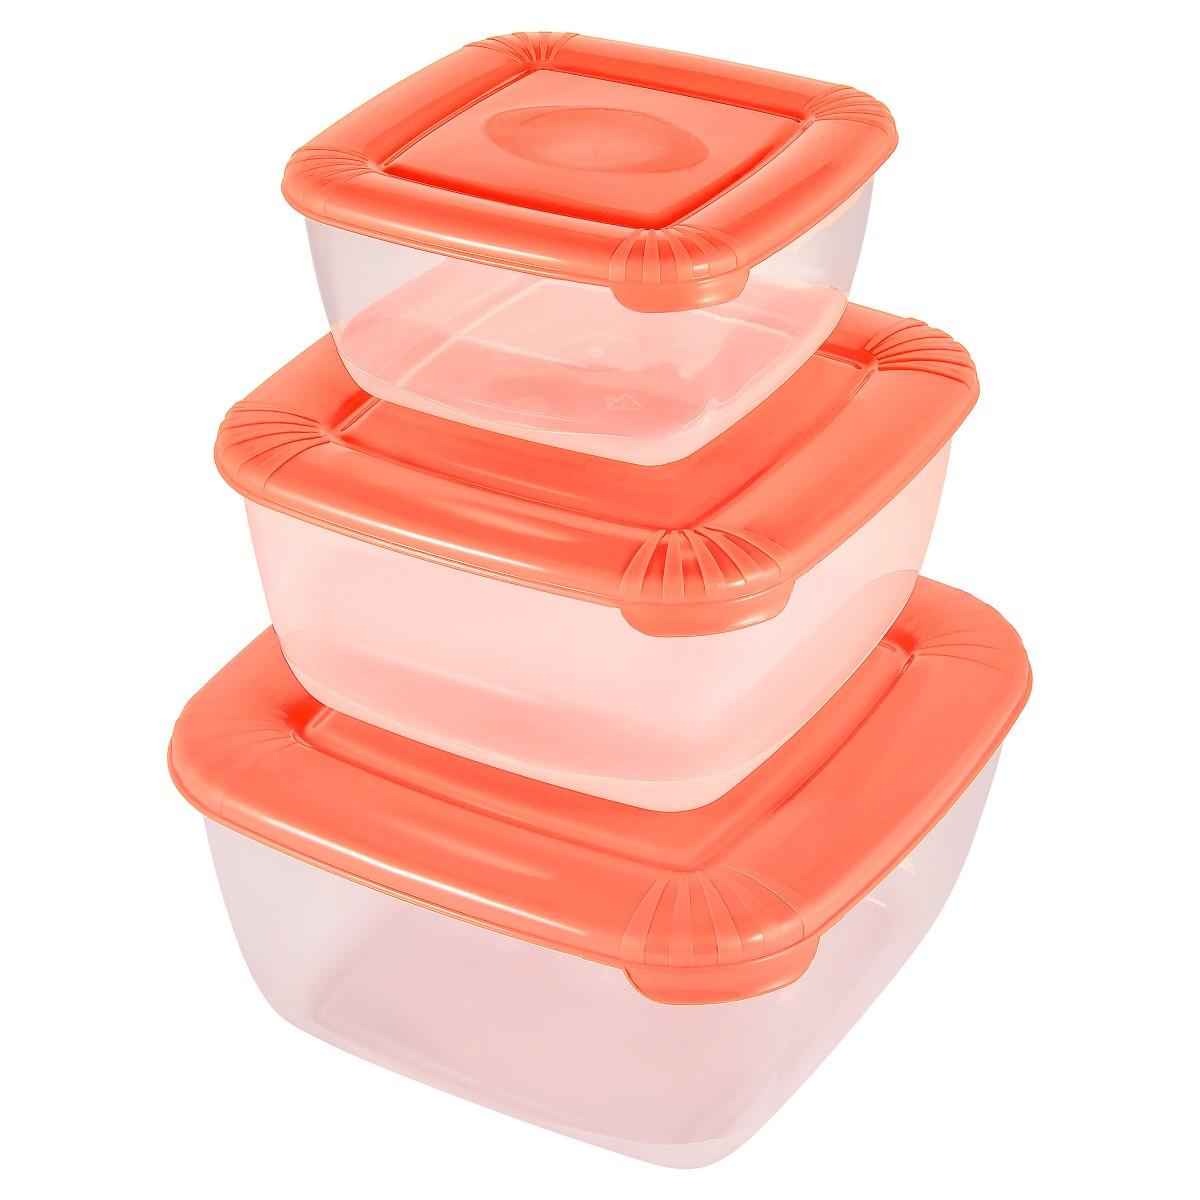 Набор емкостей для продуктов Plast Team Polar, PT1683-8, коралловый, 3 шт емкость для хранения продуктов plast team pattern 0 8 л